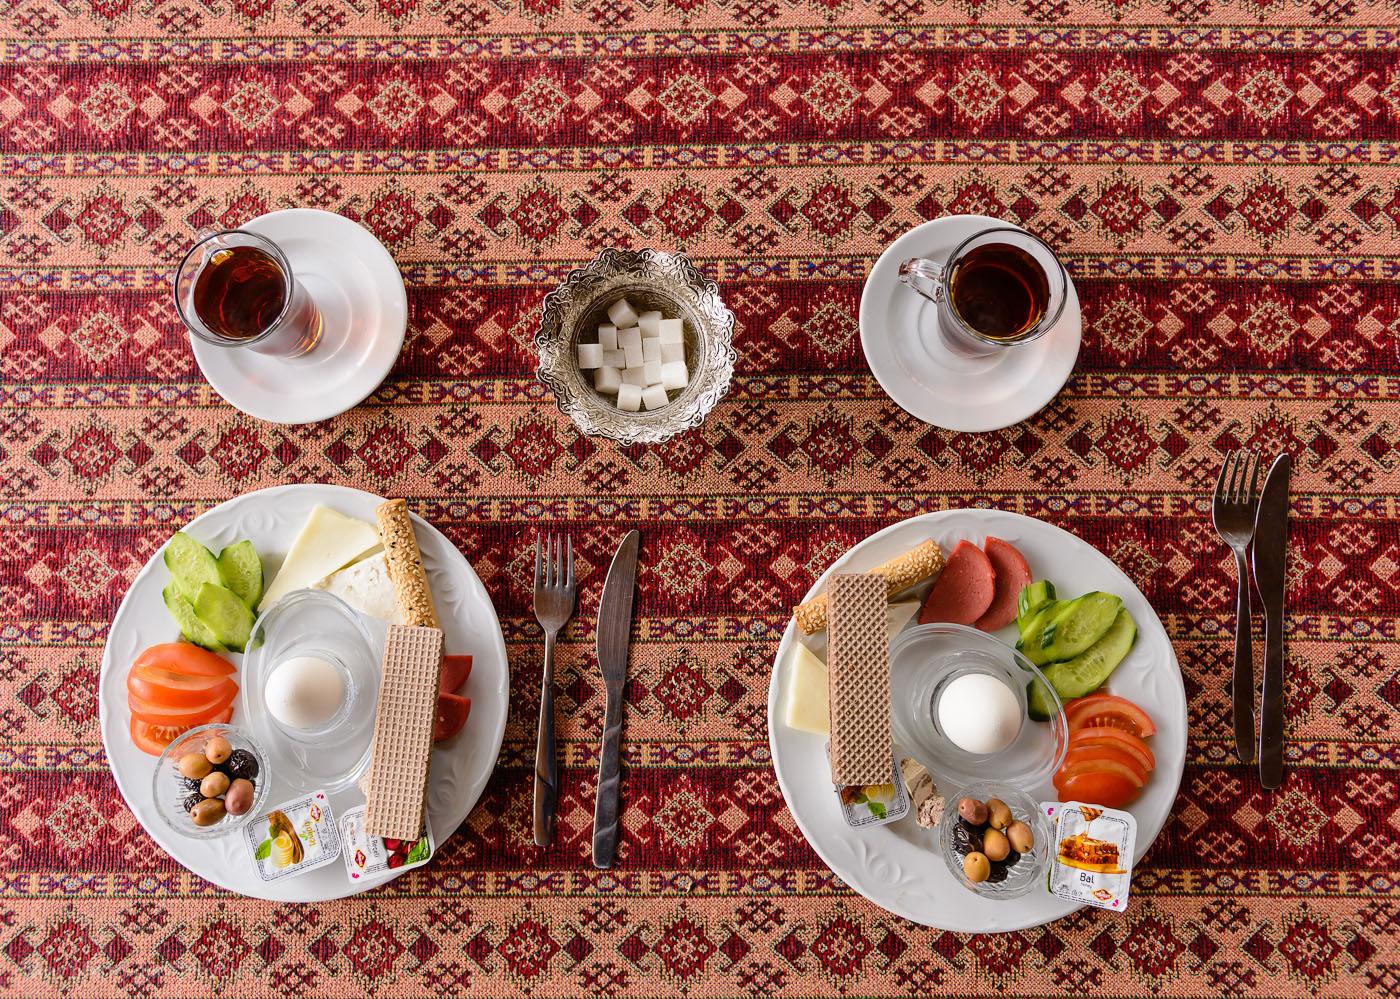 Фотография 11. Завтраки в Турции. Отзывы туристов об отдыхе самостоятельно. 1/500, 3.5, 640, 27 (объектив Nikon 24-70mm f/2.8).